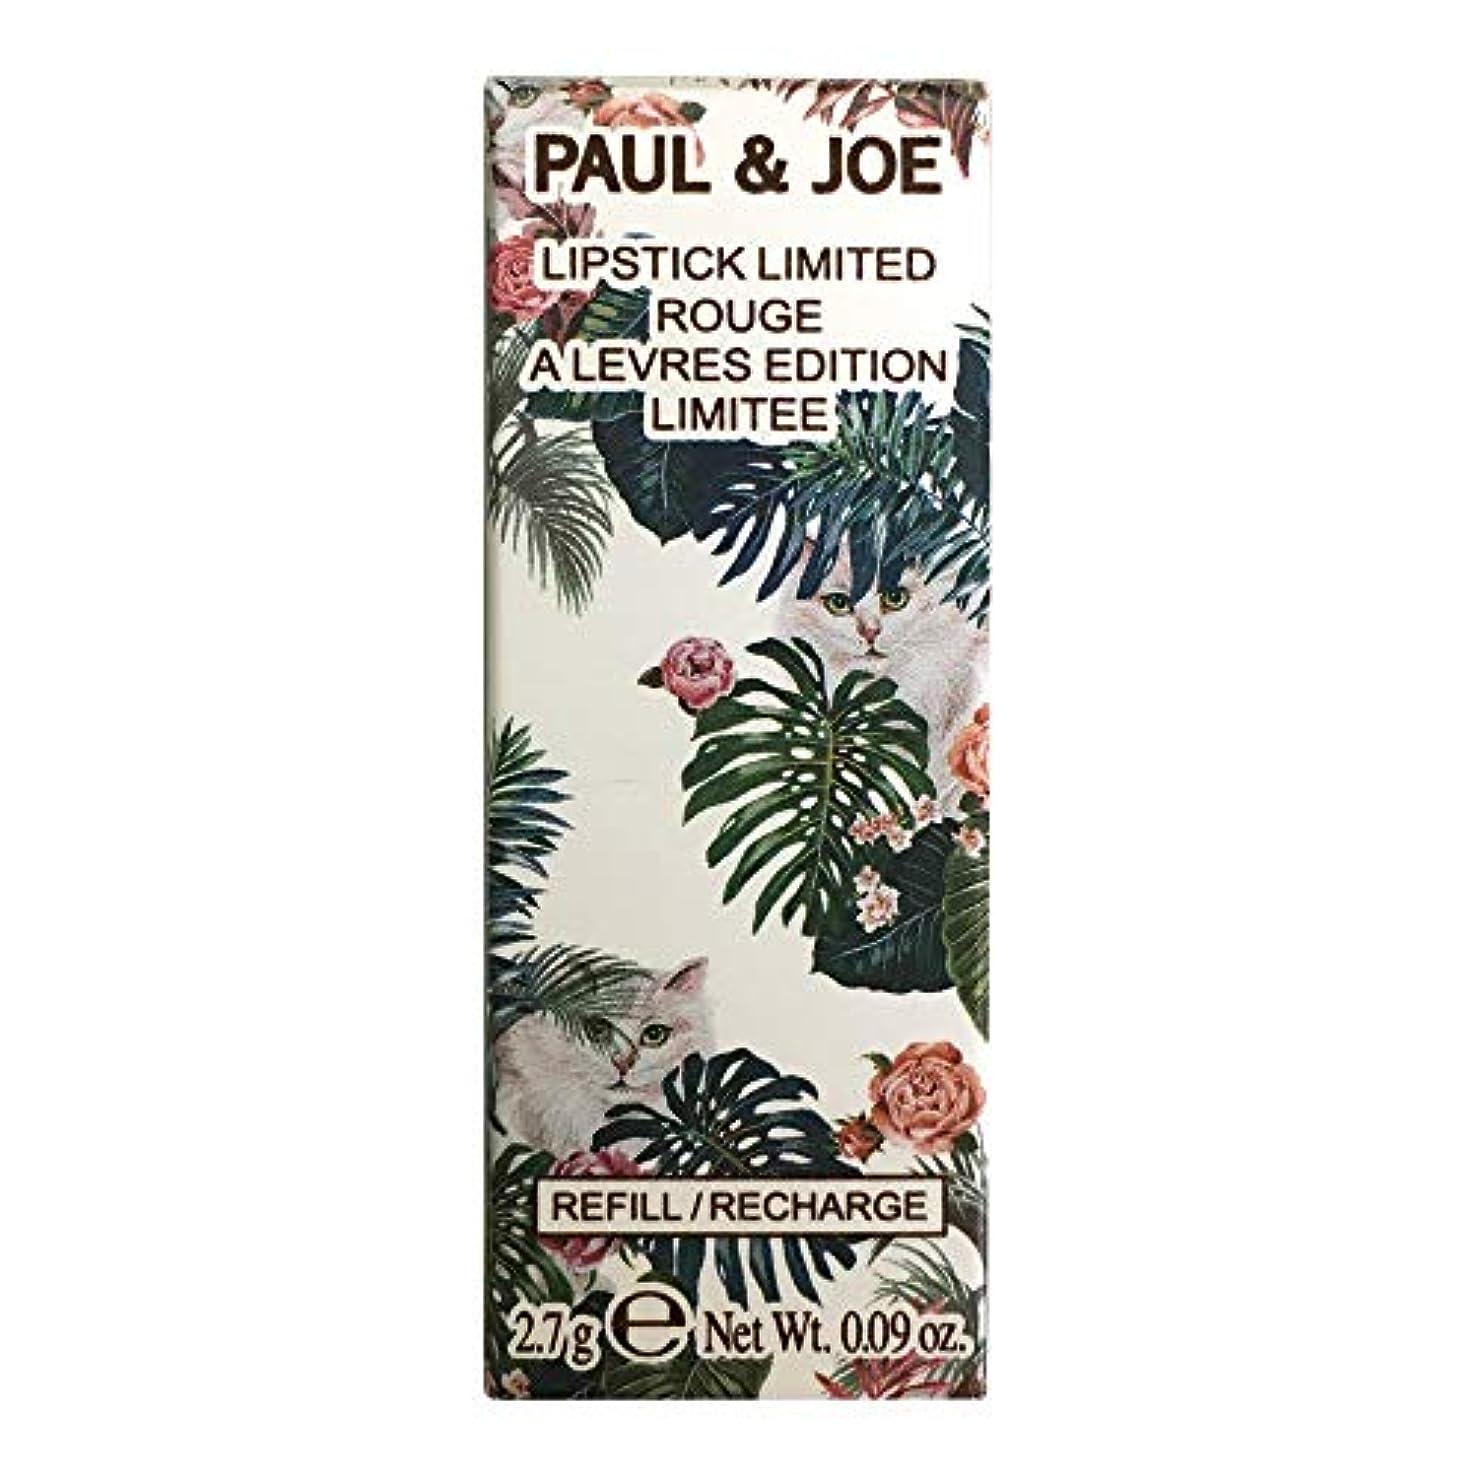 鋸歯状蒸留する面倒ポール & ジョー/PAUL & JOE リップスティック リミテッド #005(レフィル) (限定) [ 口紅 ] [並行輸入品]